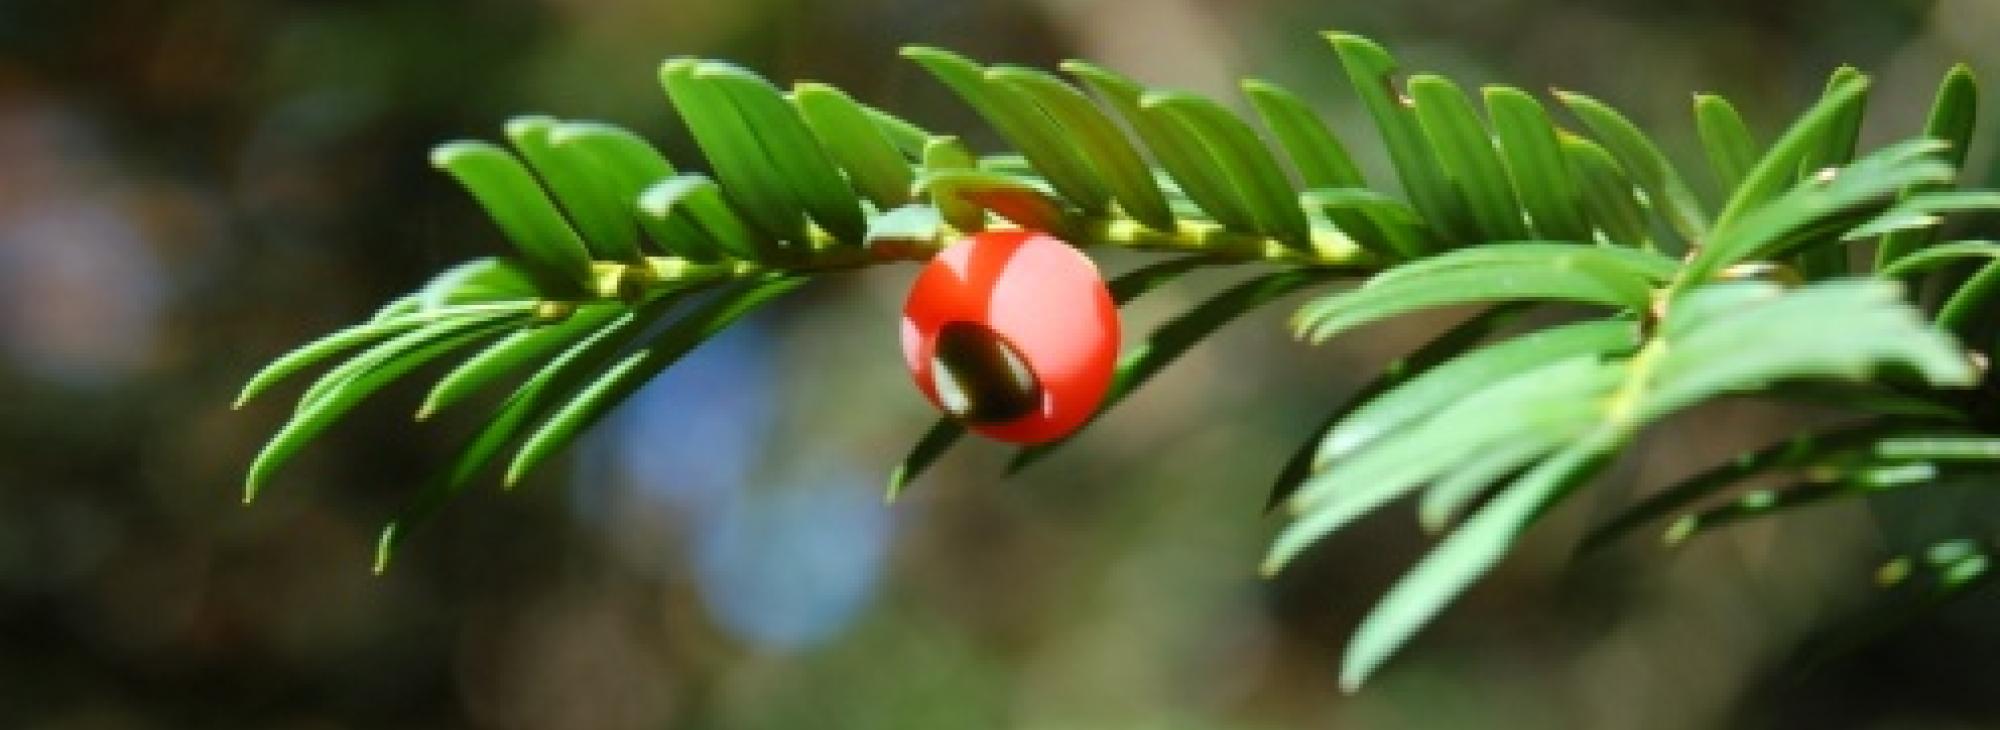 Caracterització de la variabilitat genètica de Taxus baccata a la península ibèrica i balears